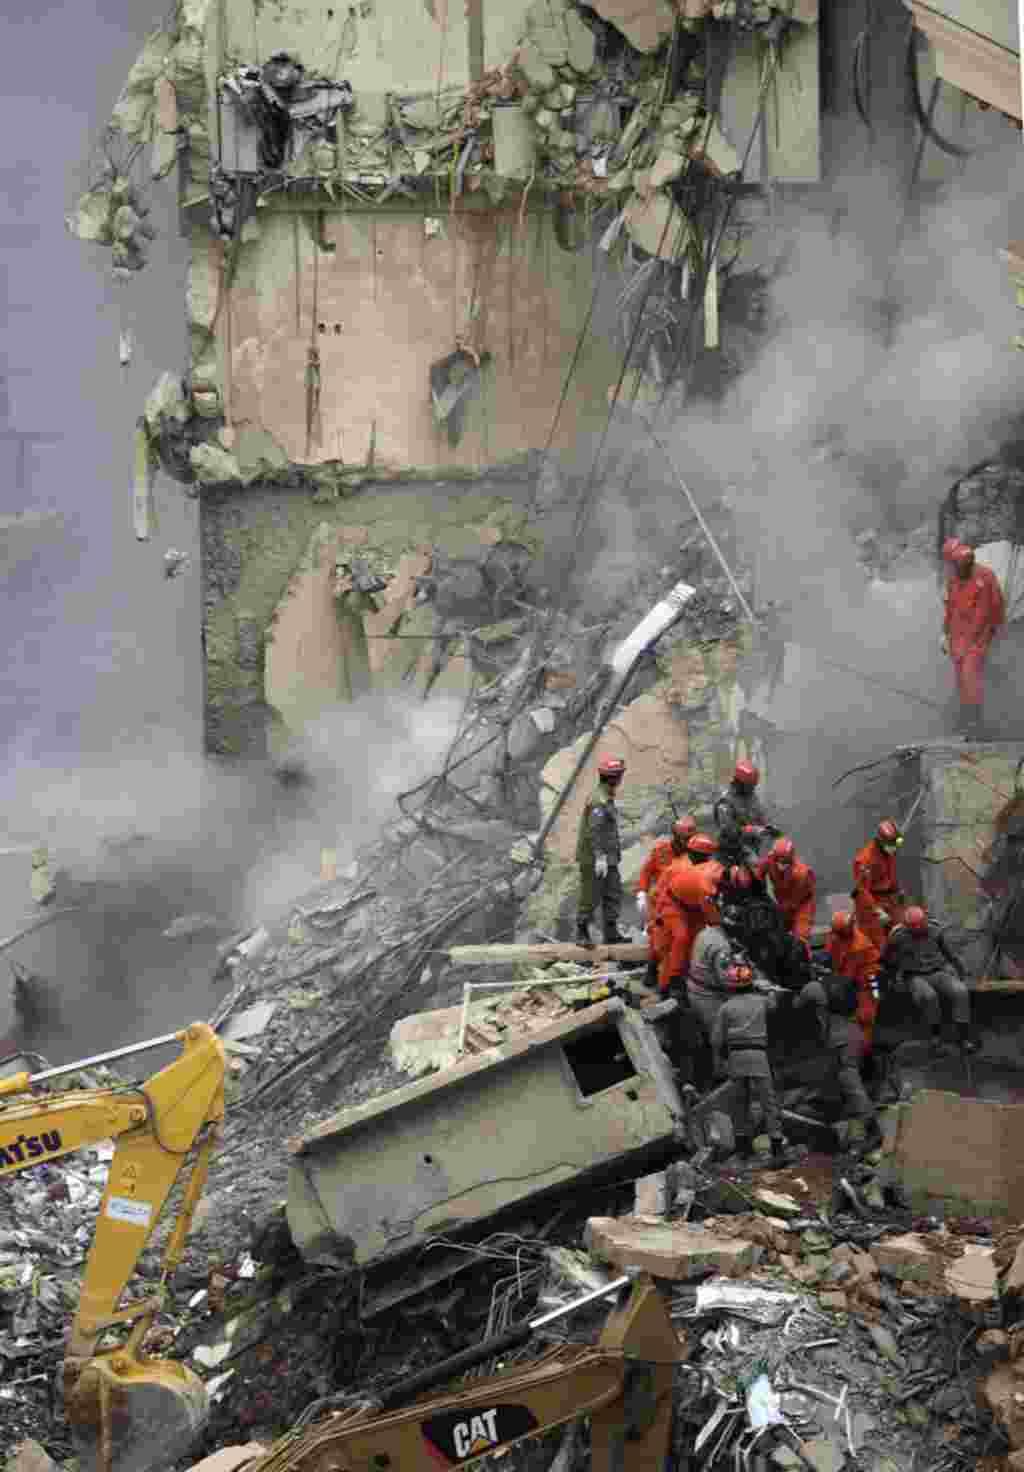 Los tres edificios, de 20, 10 y 4 pisos, se encontraban mayormente vacíos cuando se derrumbaron parcialmente.